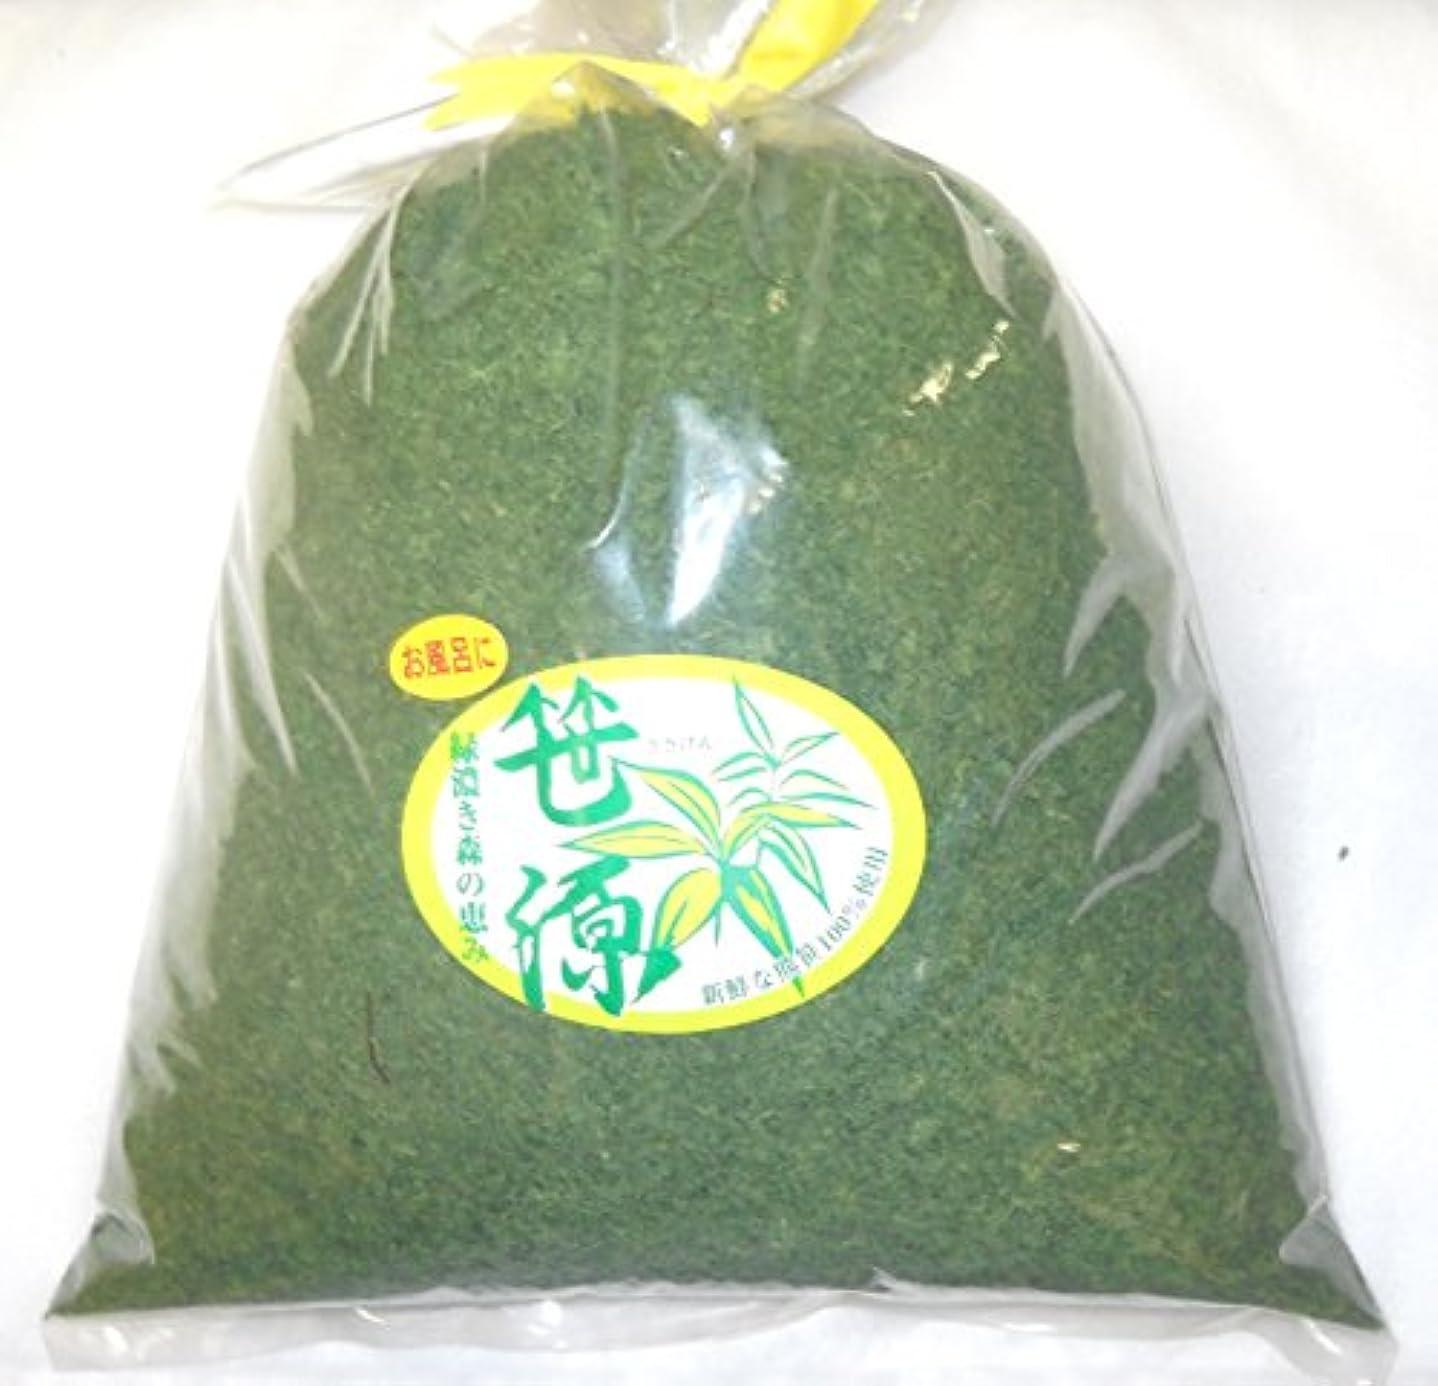 虫ファン簡略化する【産地直送】長野県産クマ笹 笹源(生)2kg 無添加浴用剤